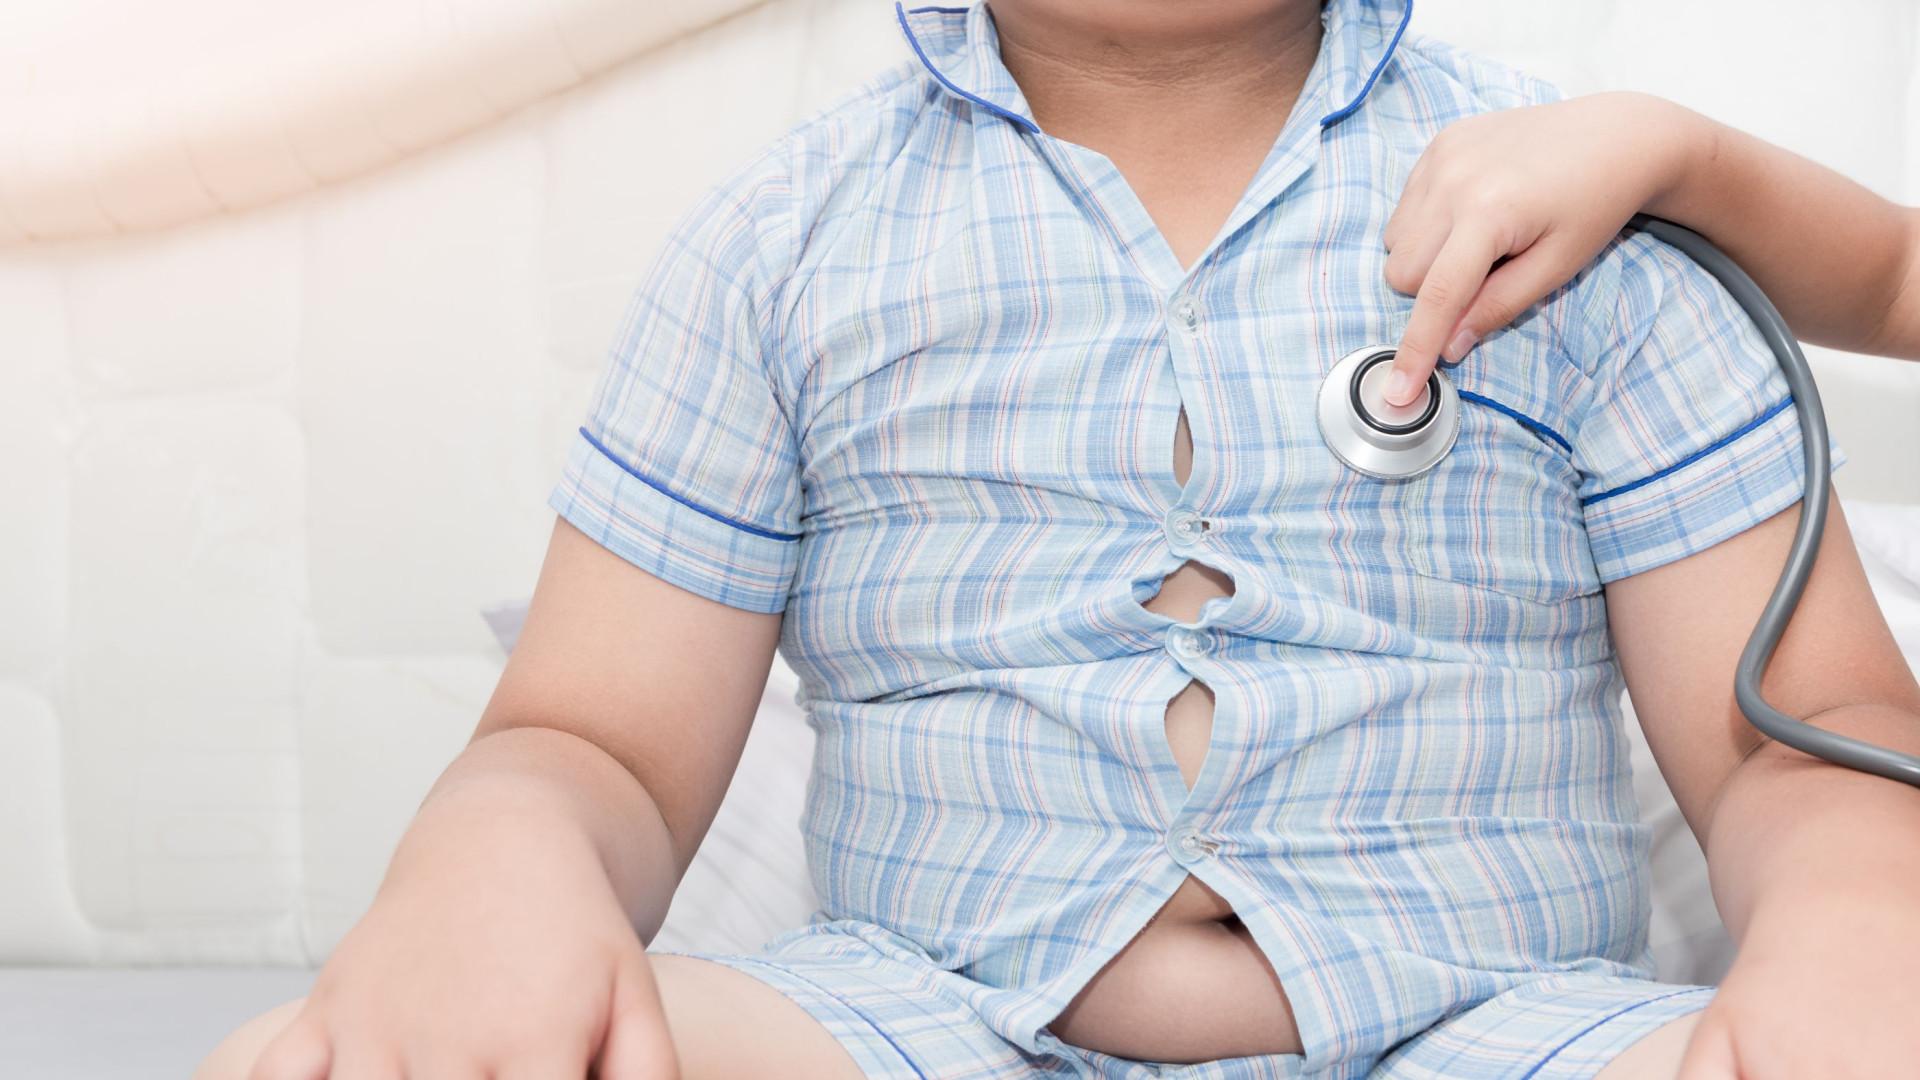 Rapazes com hábitos de sono irregulares têm mais risco de ficar obesos